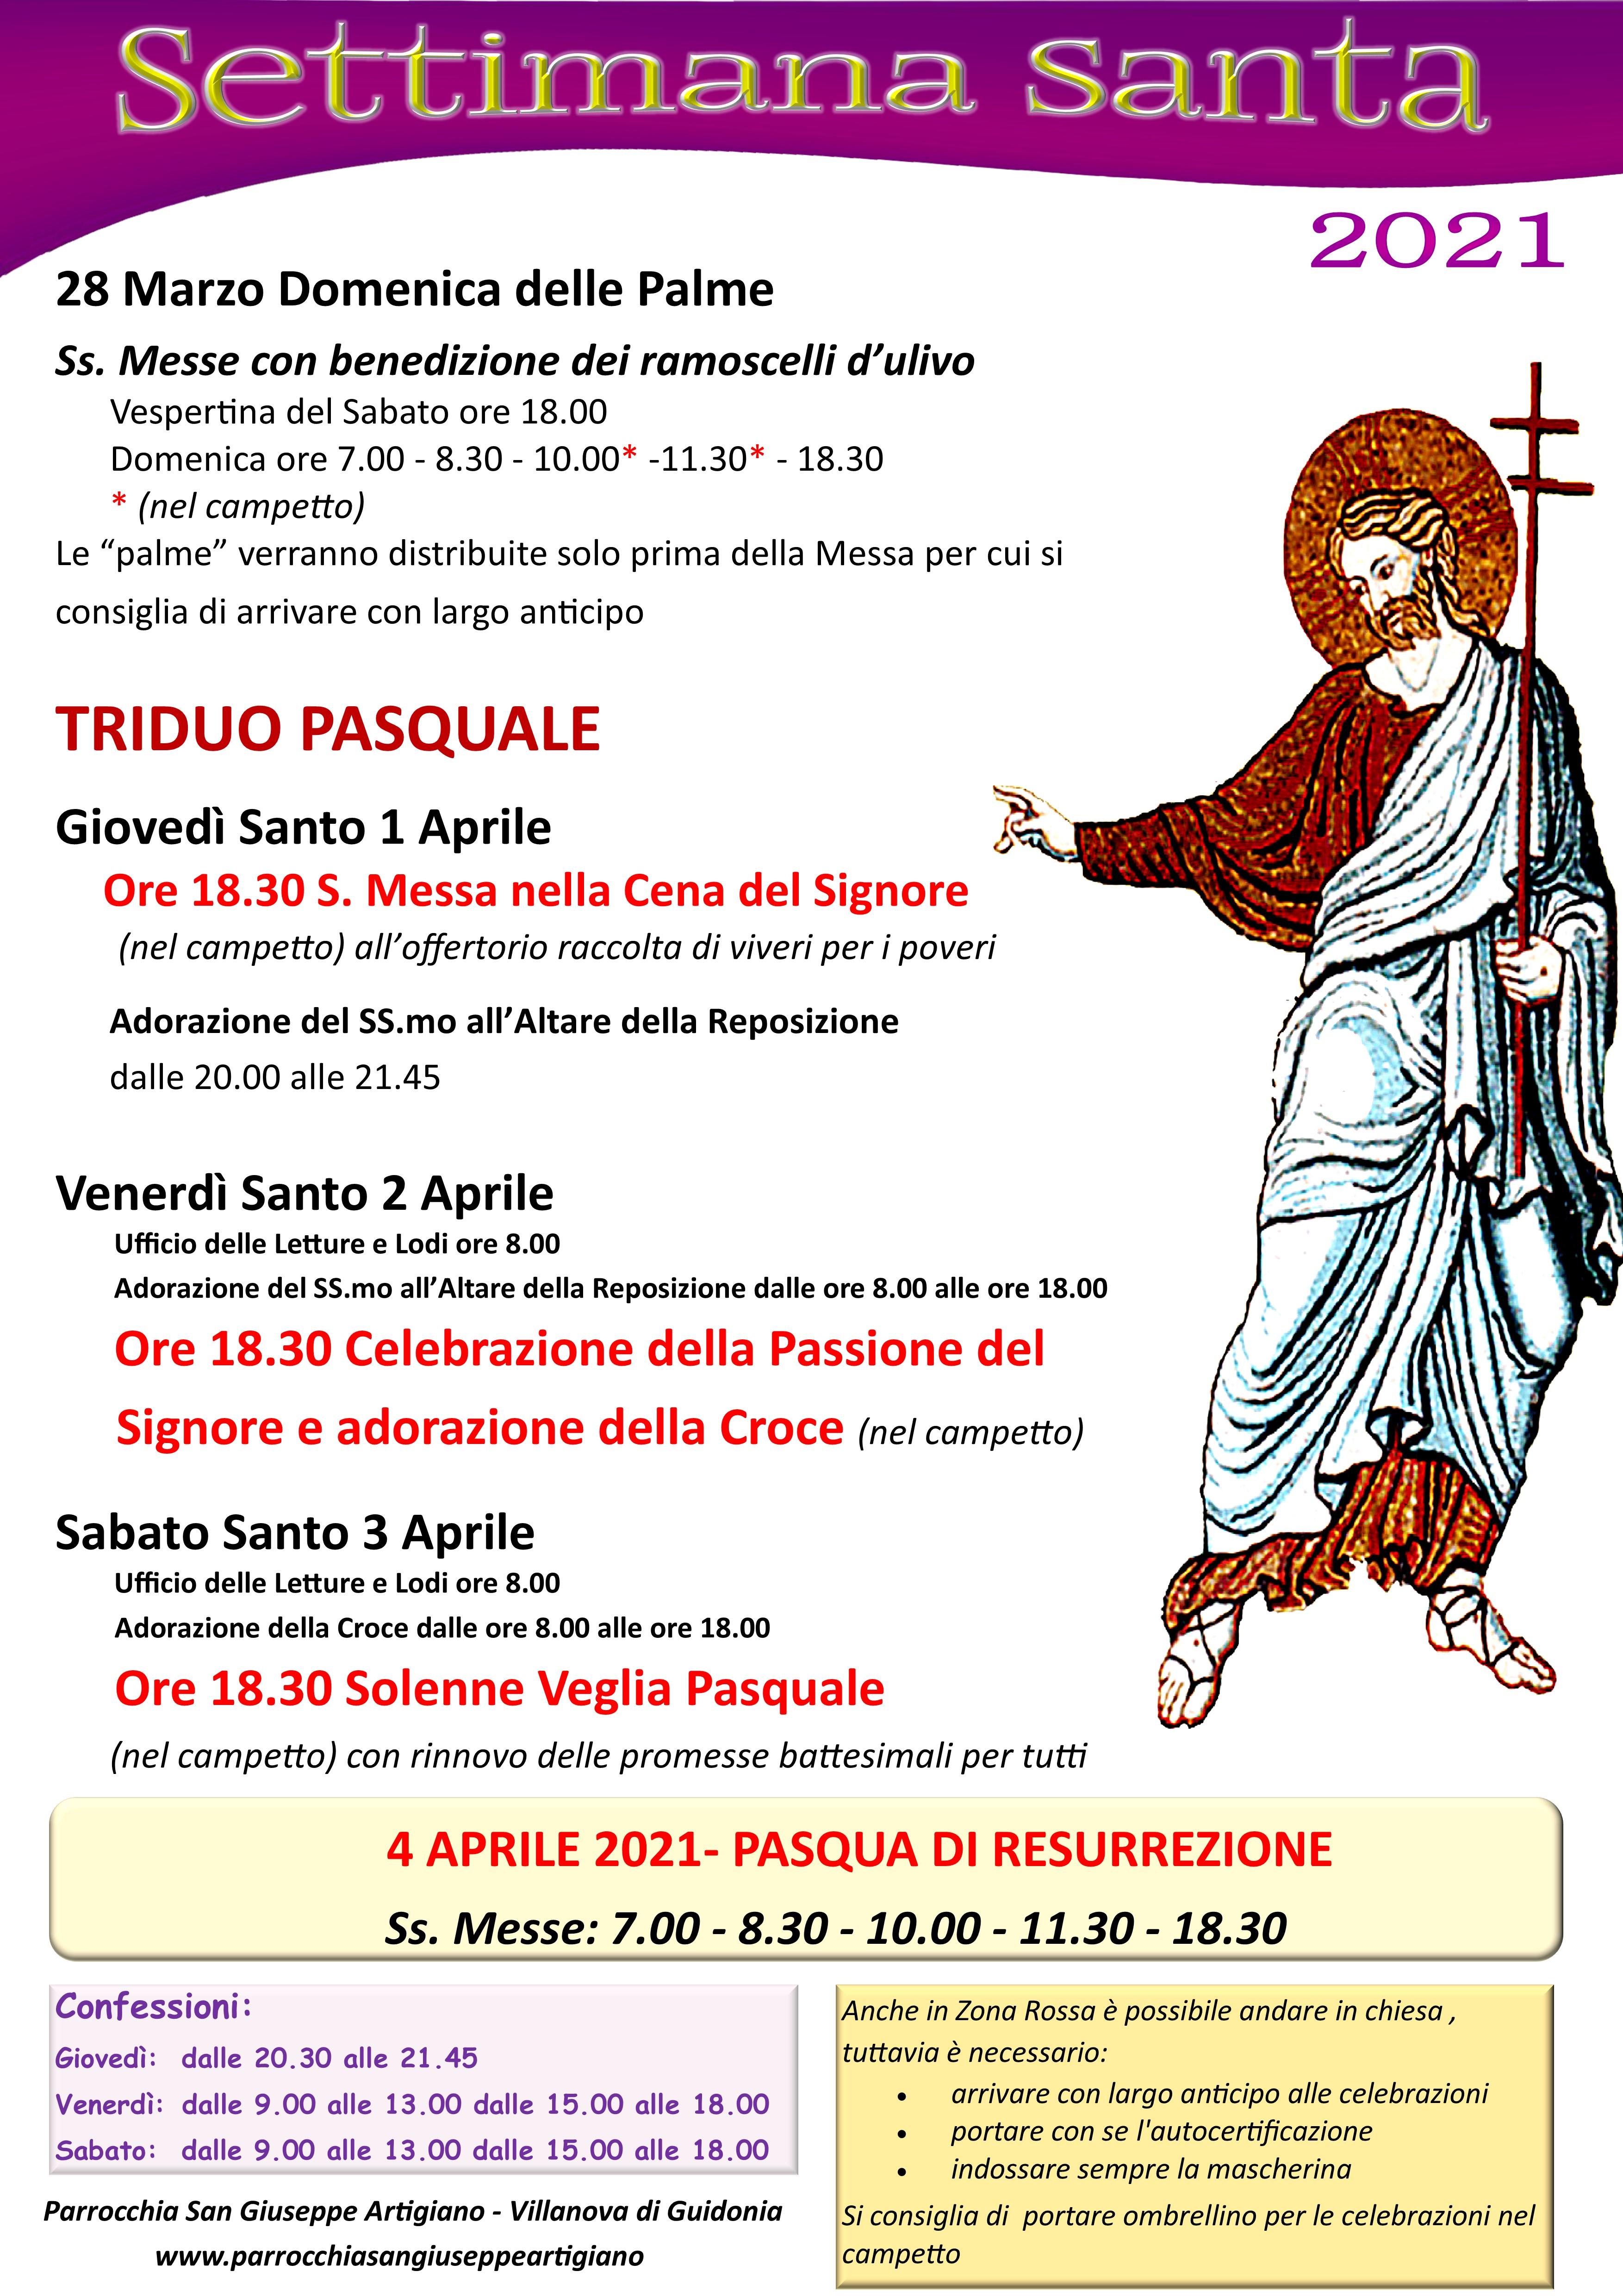 settimana santa 2021 (4)